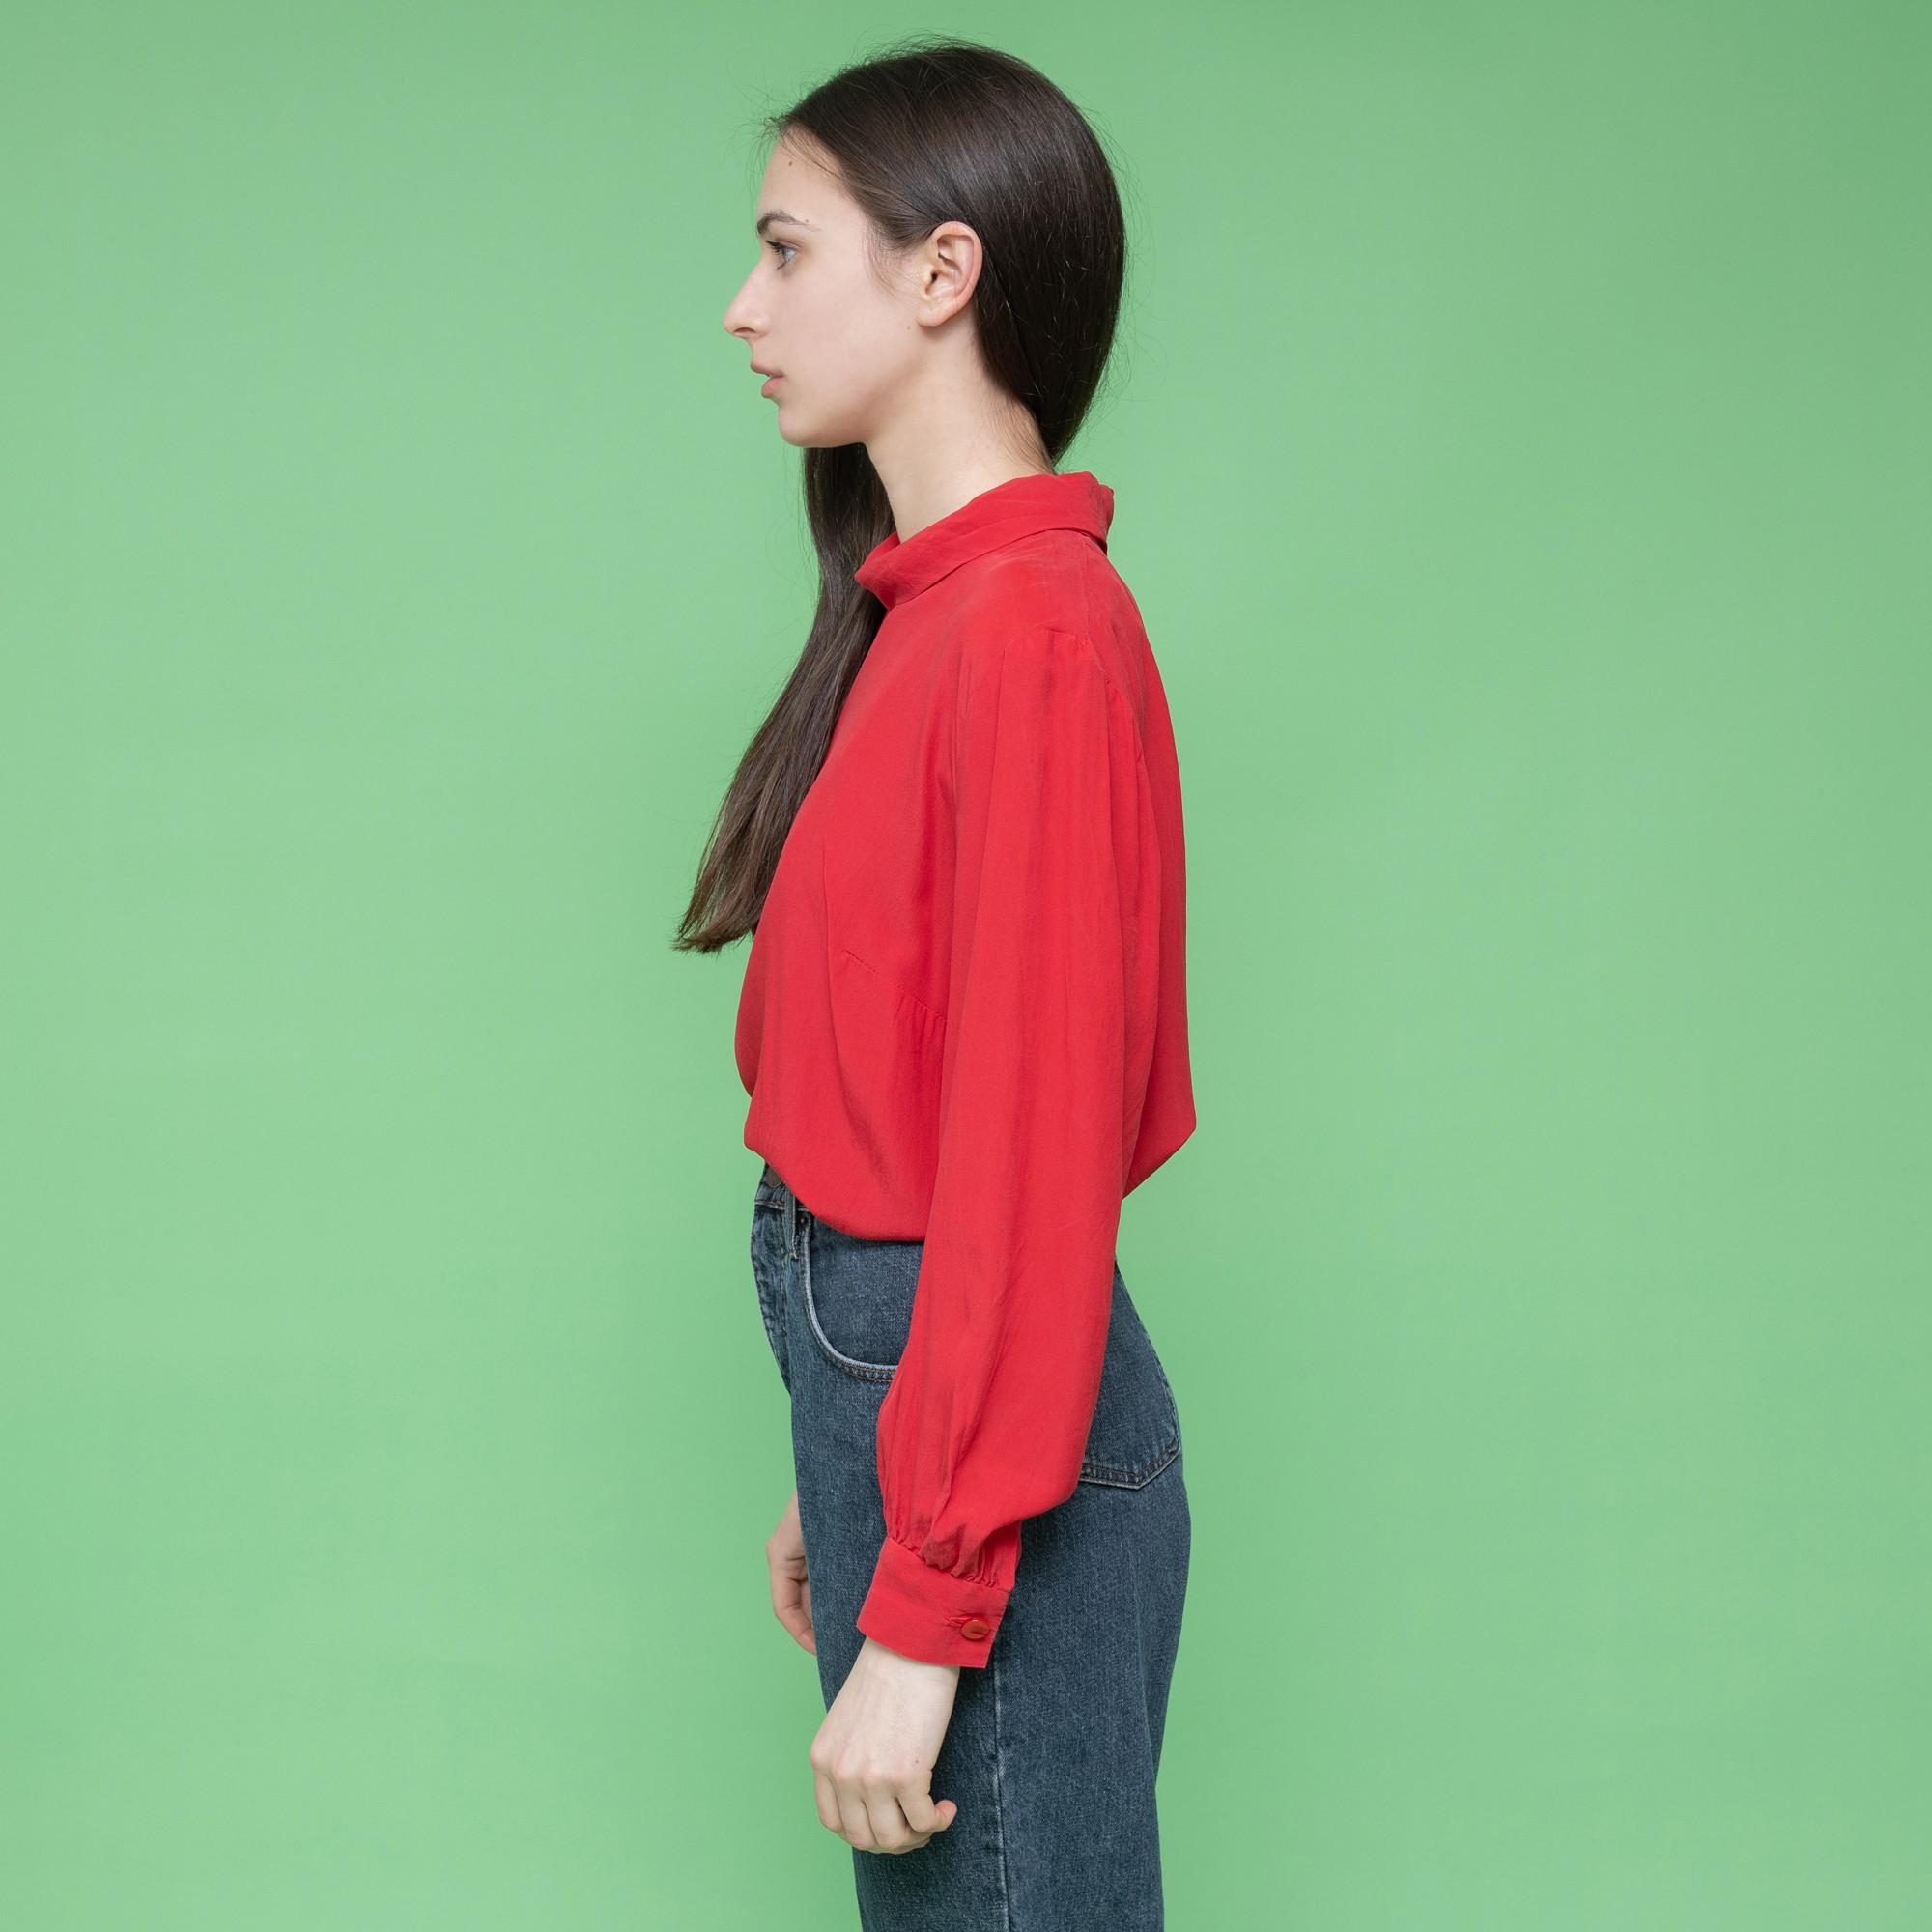 Czerwona koszula z jedwabiu - pólgolf - KEX Vintage Store | JestemSlow.pl